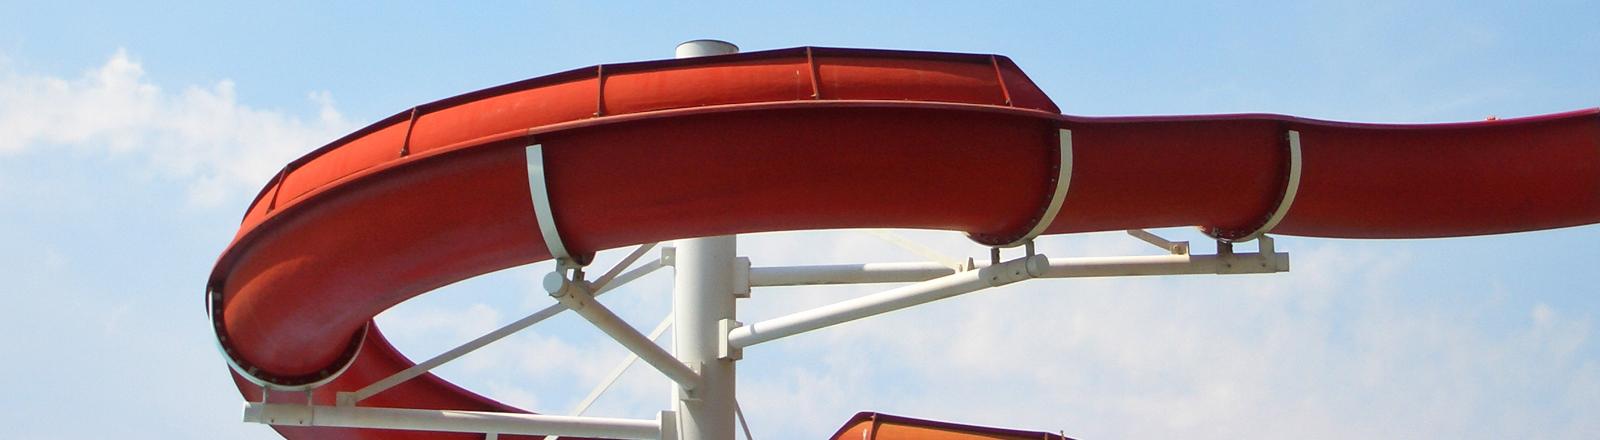 Eine rote Wasserrutsche vor blauem Himmel.